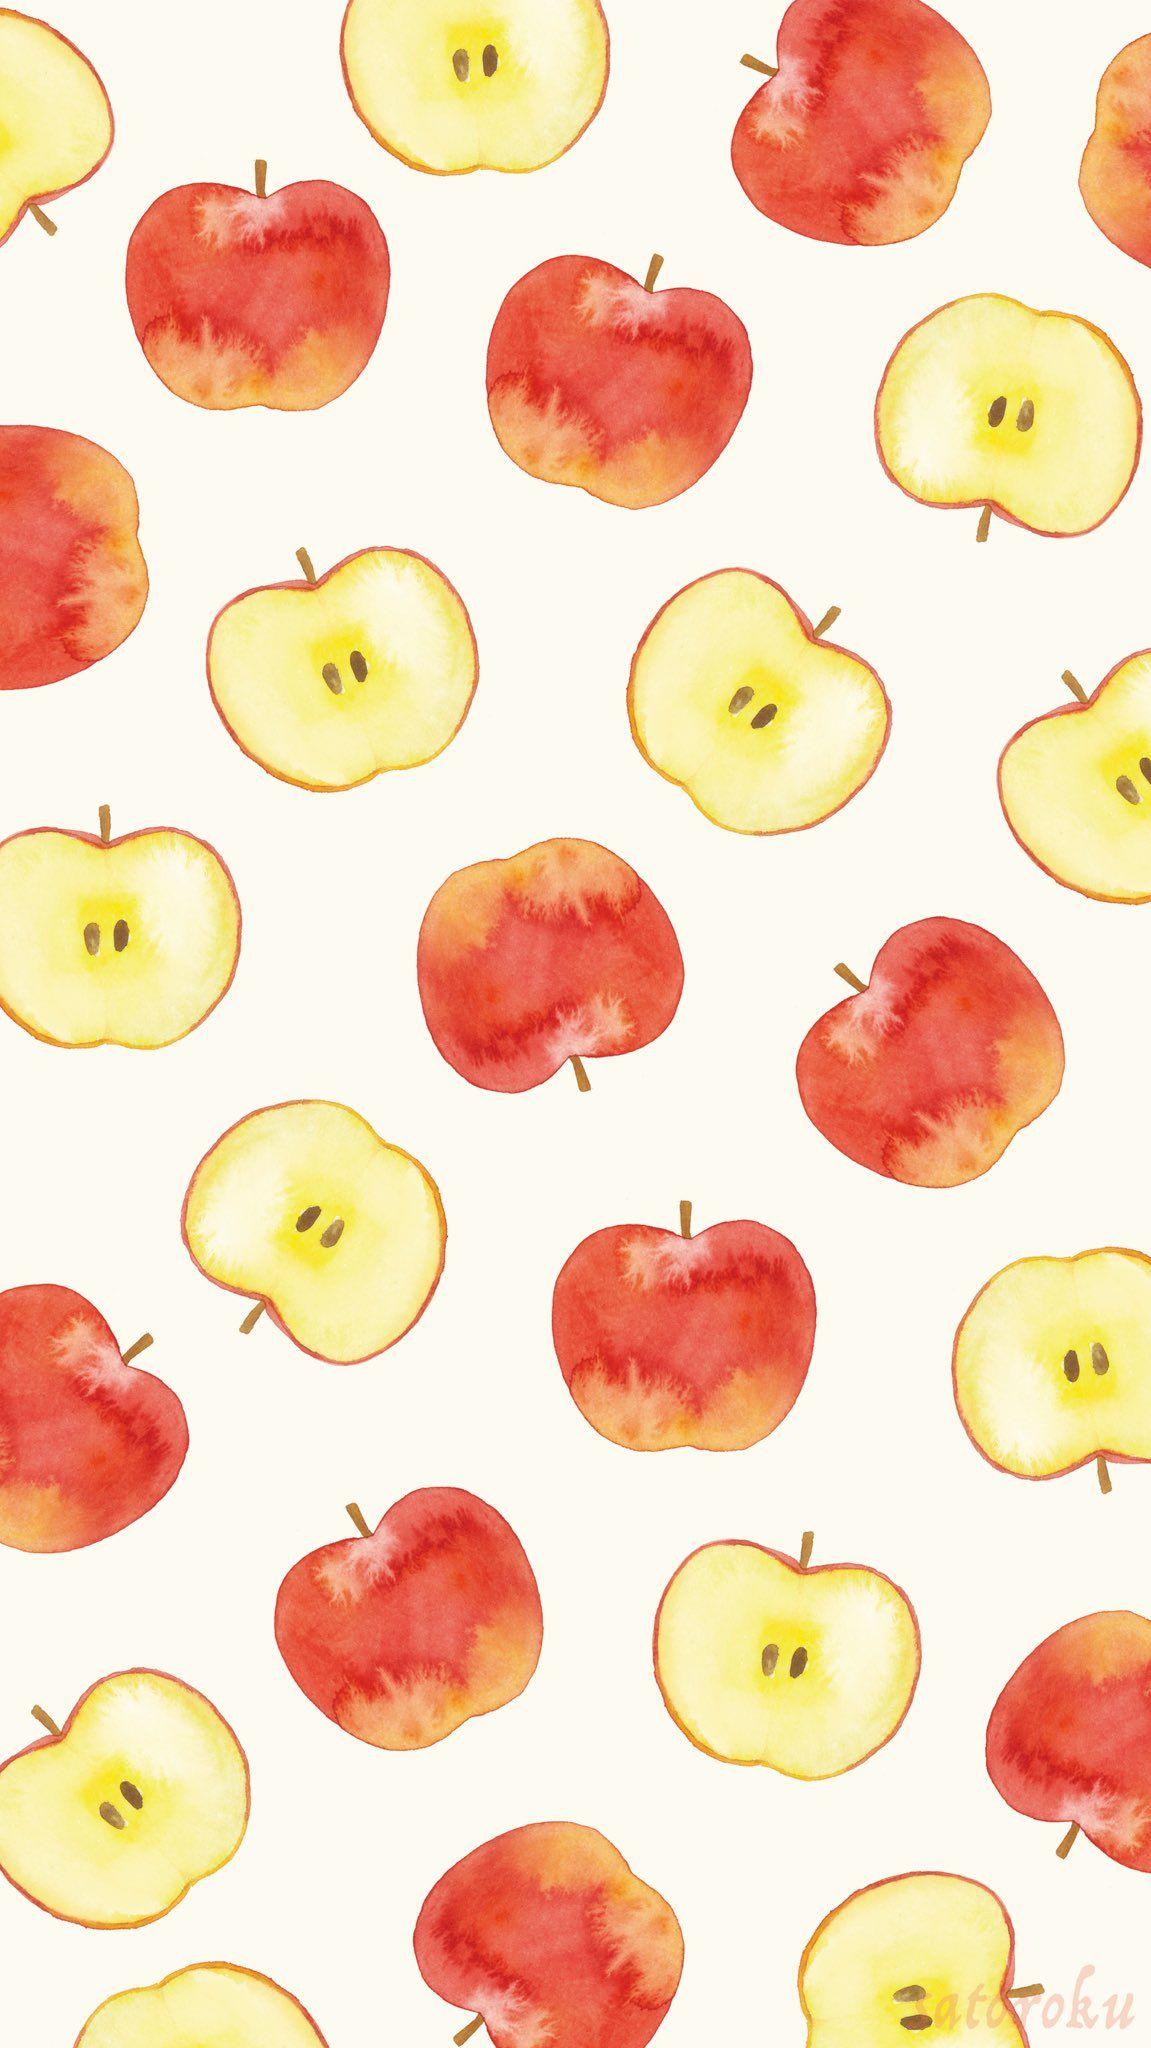 Tvitter フルーツ イラスト 夏 壁紙 果物 イラスト かわいい